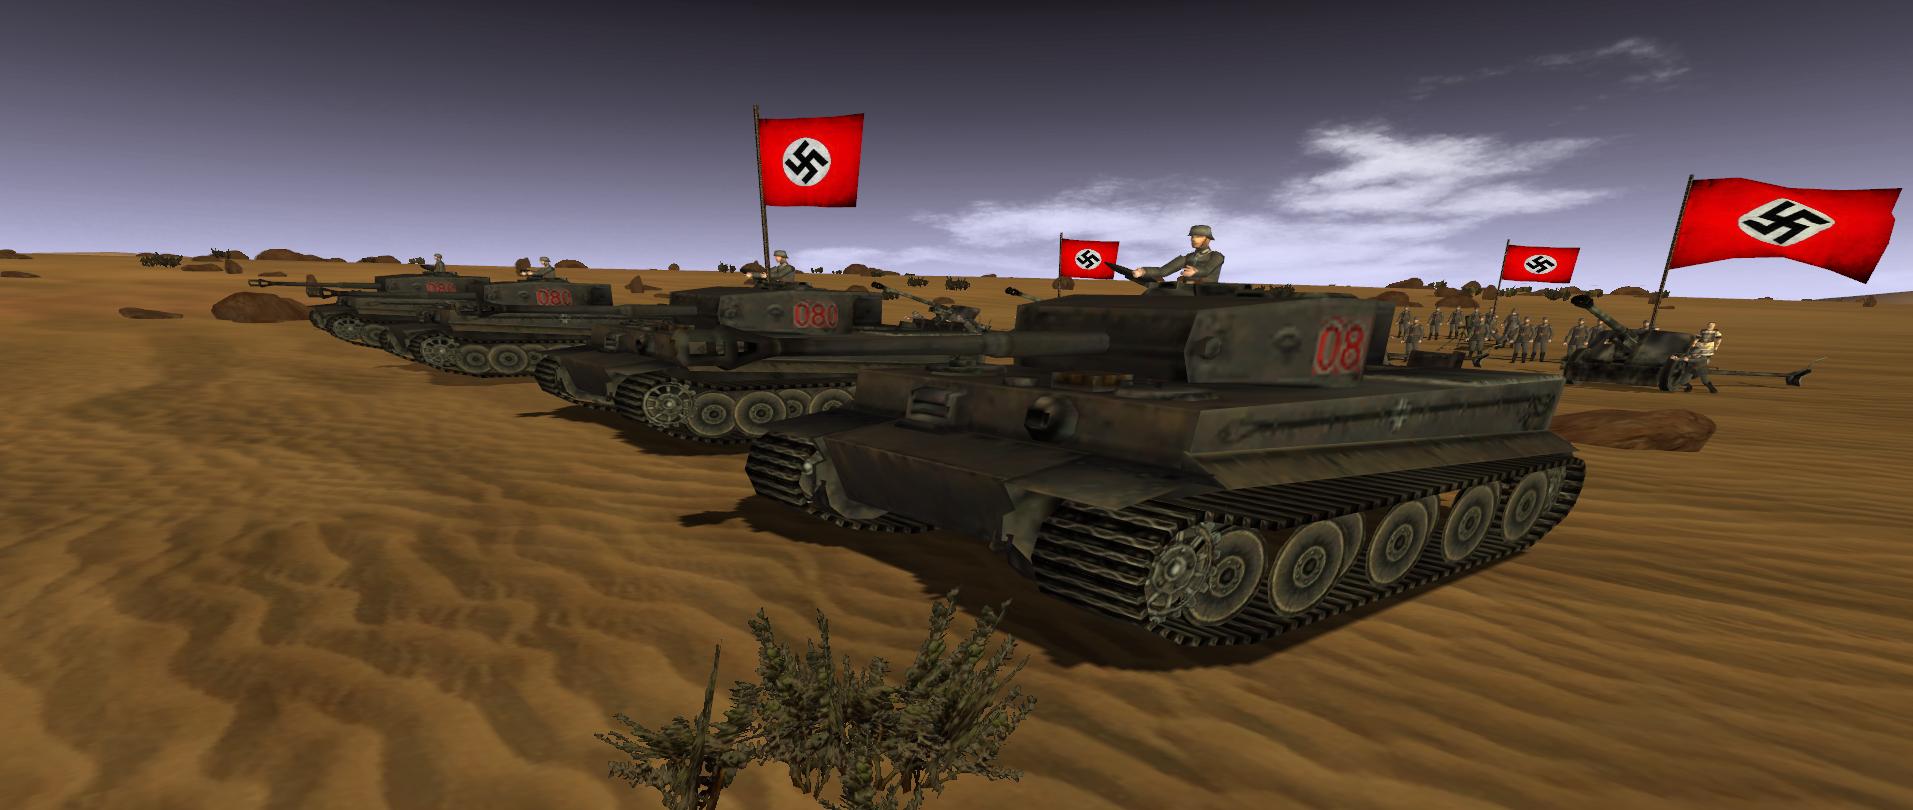 Total War : 1942 mod - Mod DB